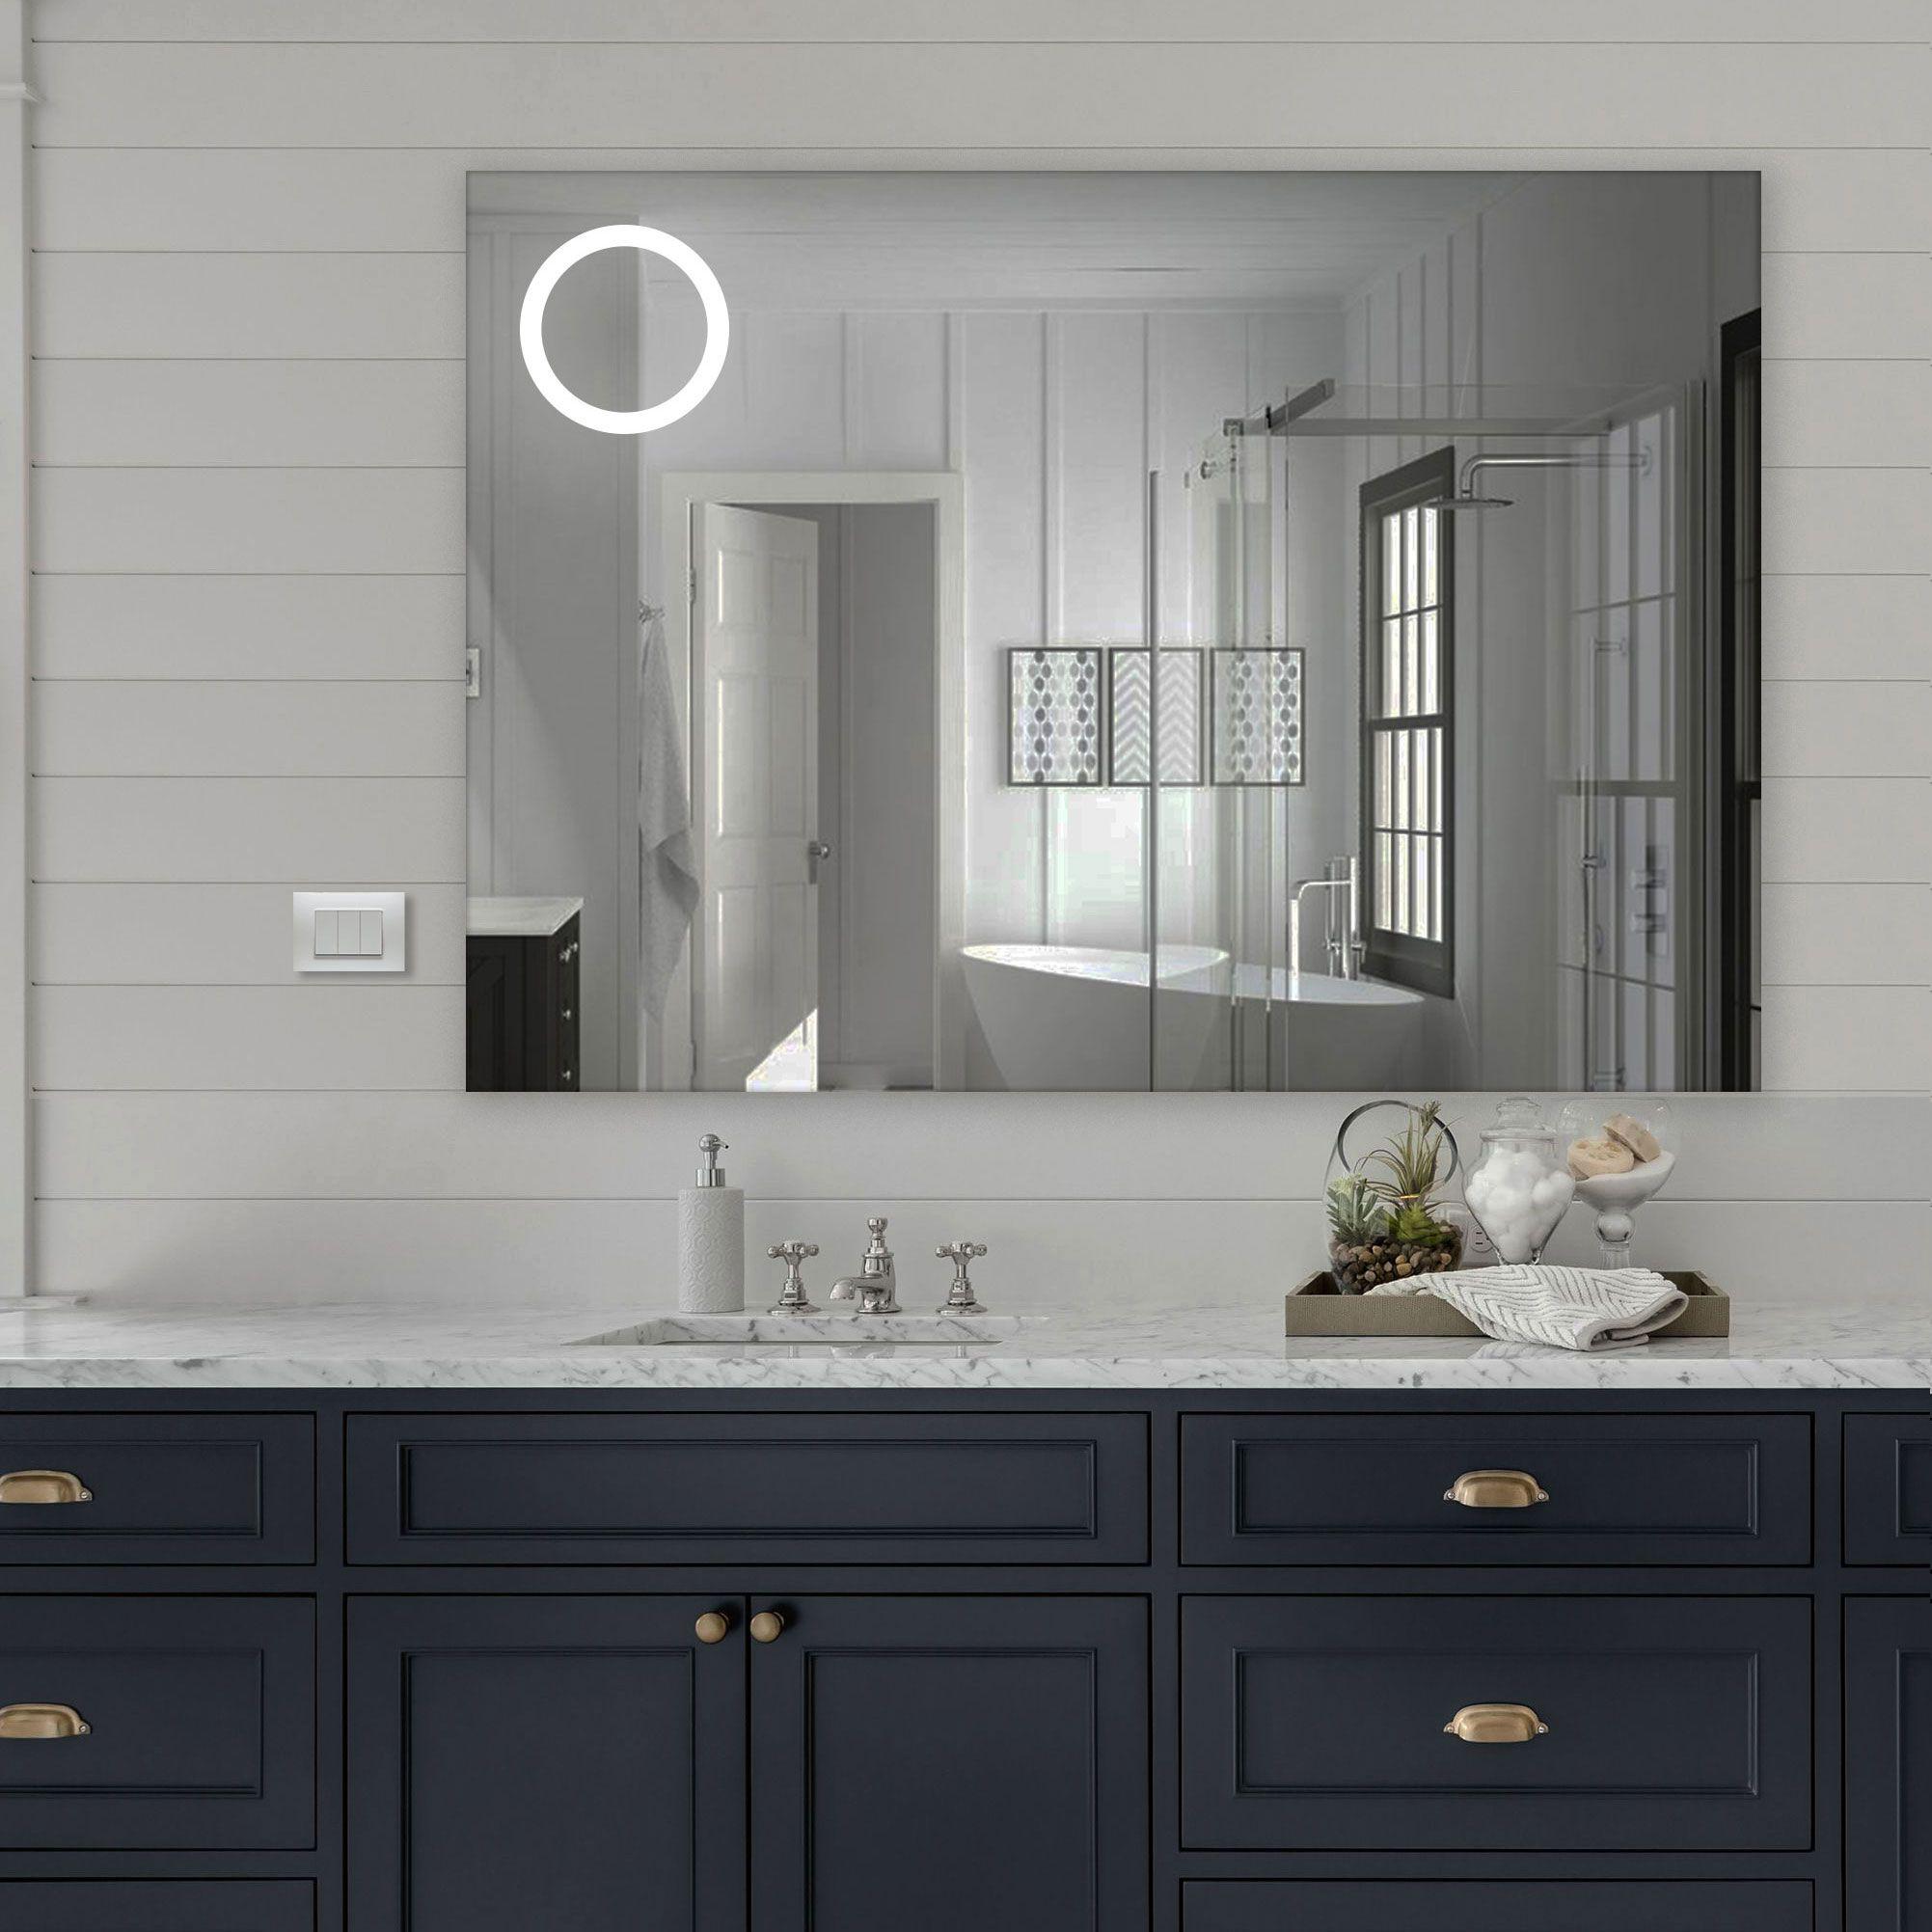 Specchio Atene Cerchio Led Frontale Specchi Arredamento Bagno